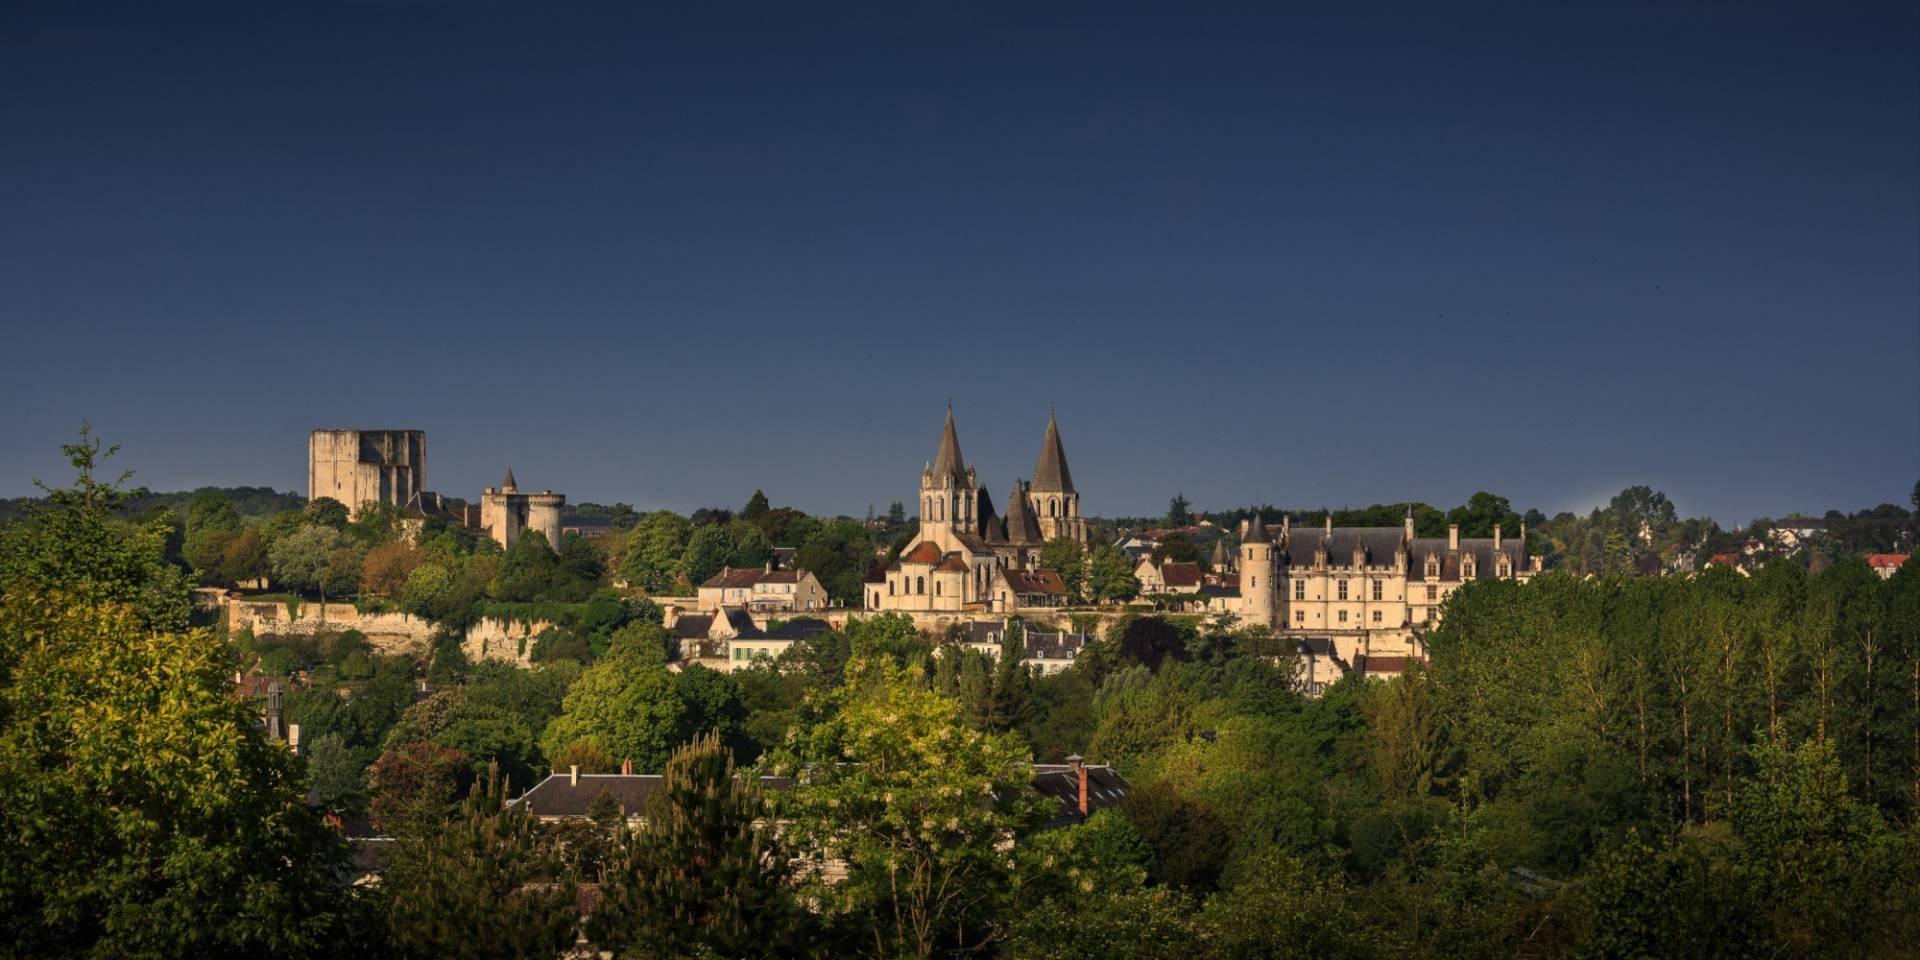 Panorama de la Cité Royale à Loches - © Crédit ADT Touraine - Léonard DE SERRES